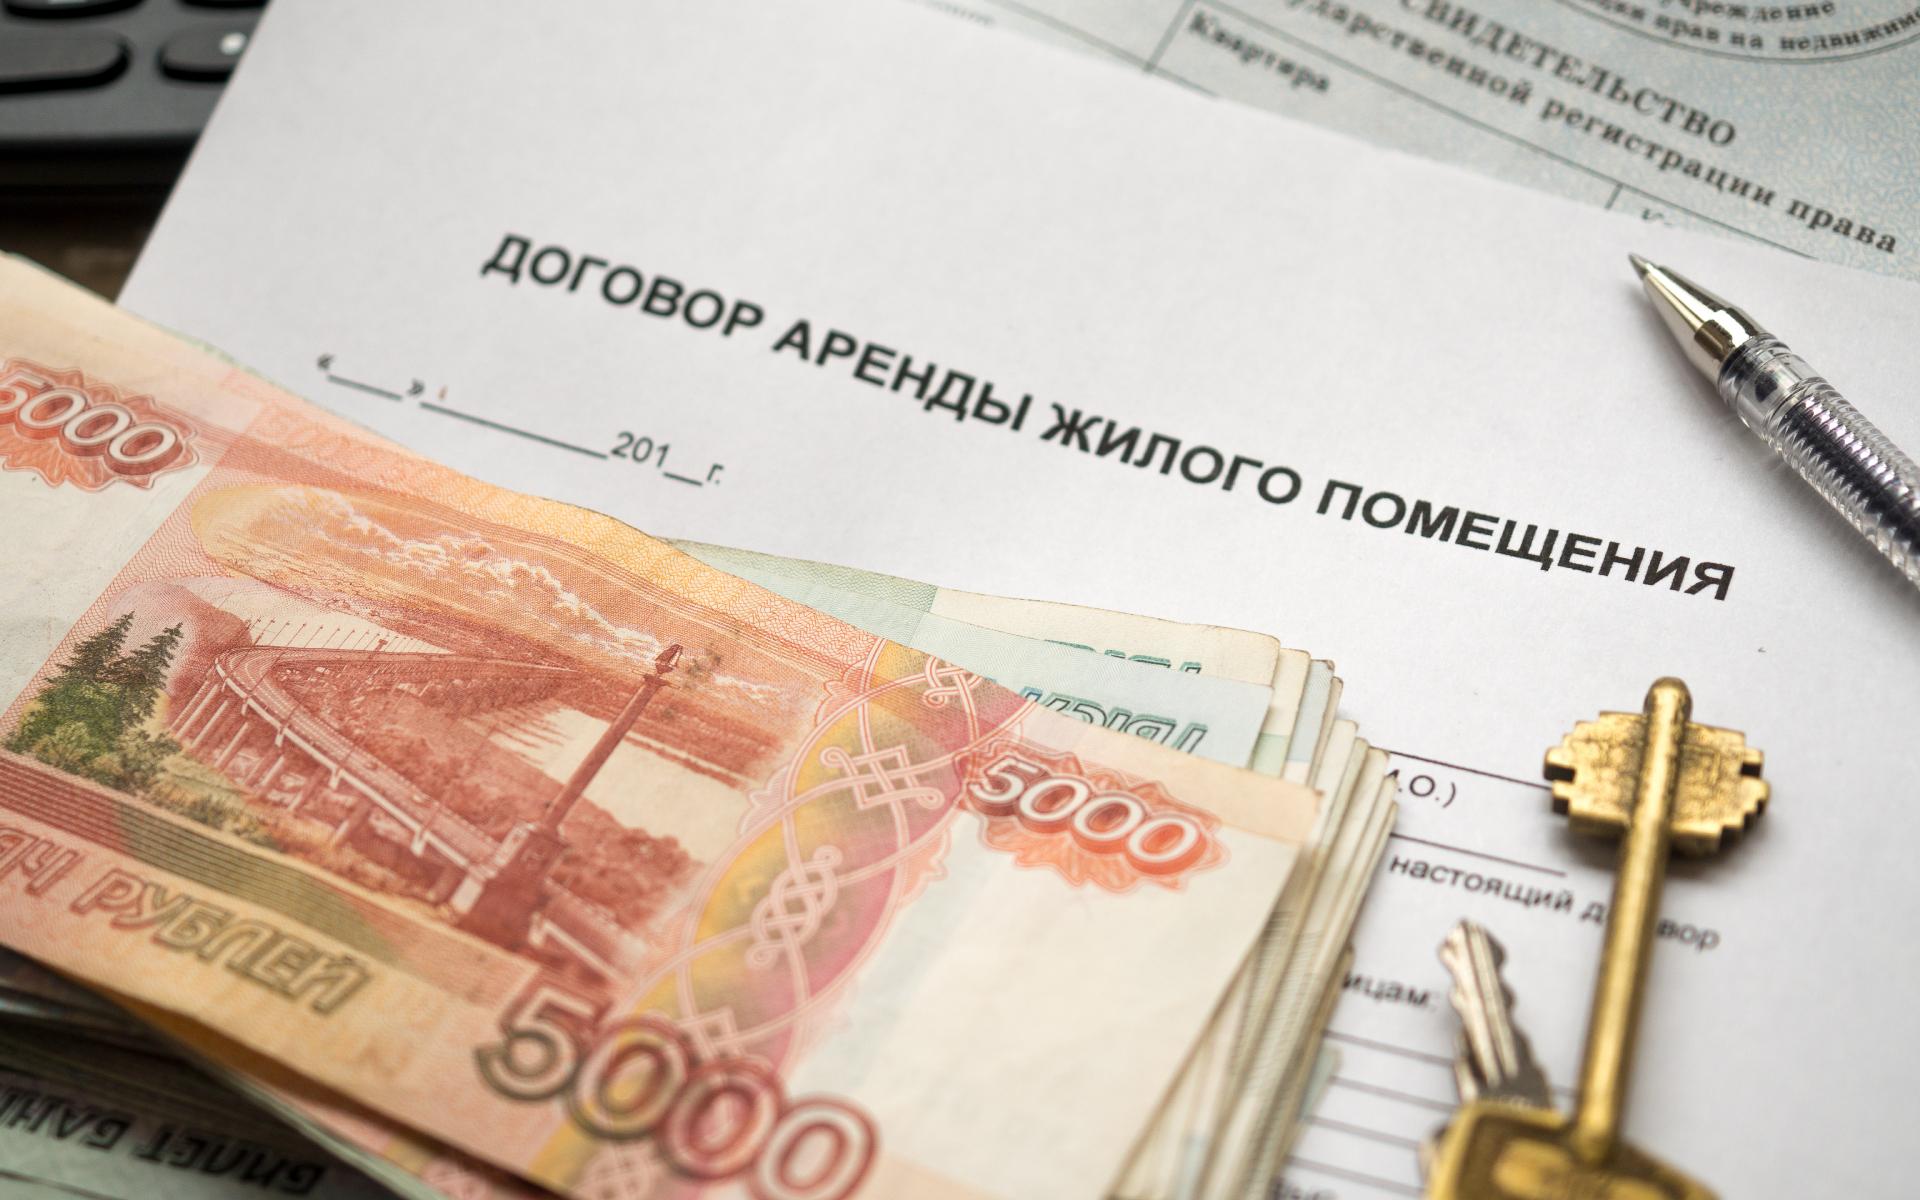 Рынок арендного жилья в Москвы вернулся к допандемийным значениям по уровню спроса и цен